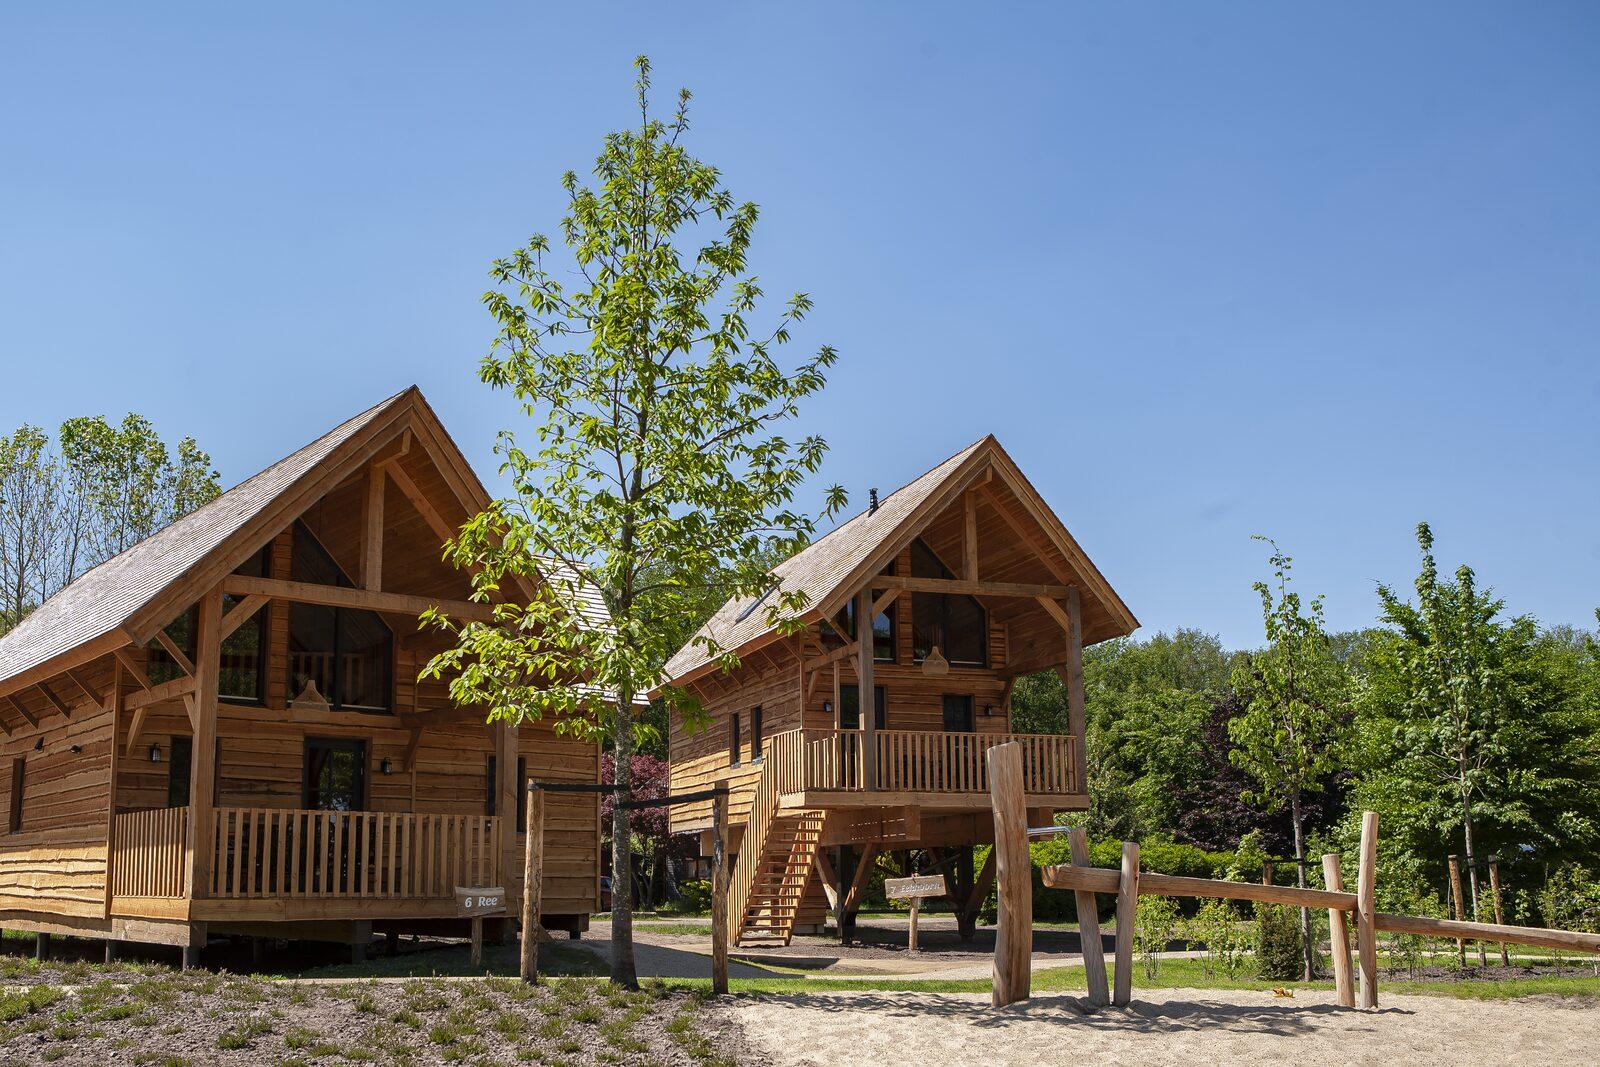 Nieuw vakantiehuisje natuur